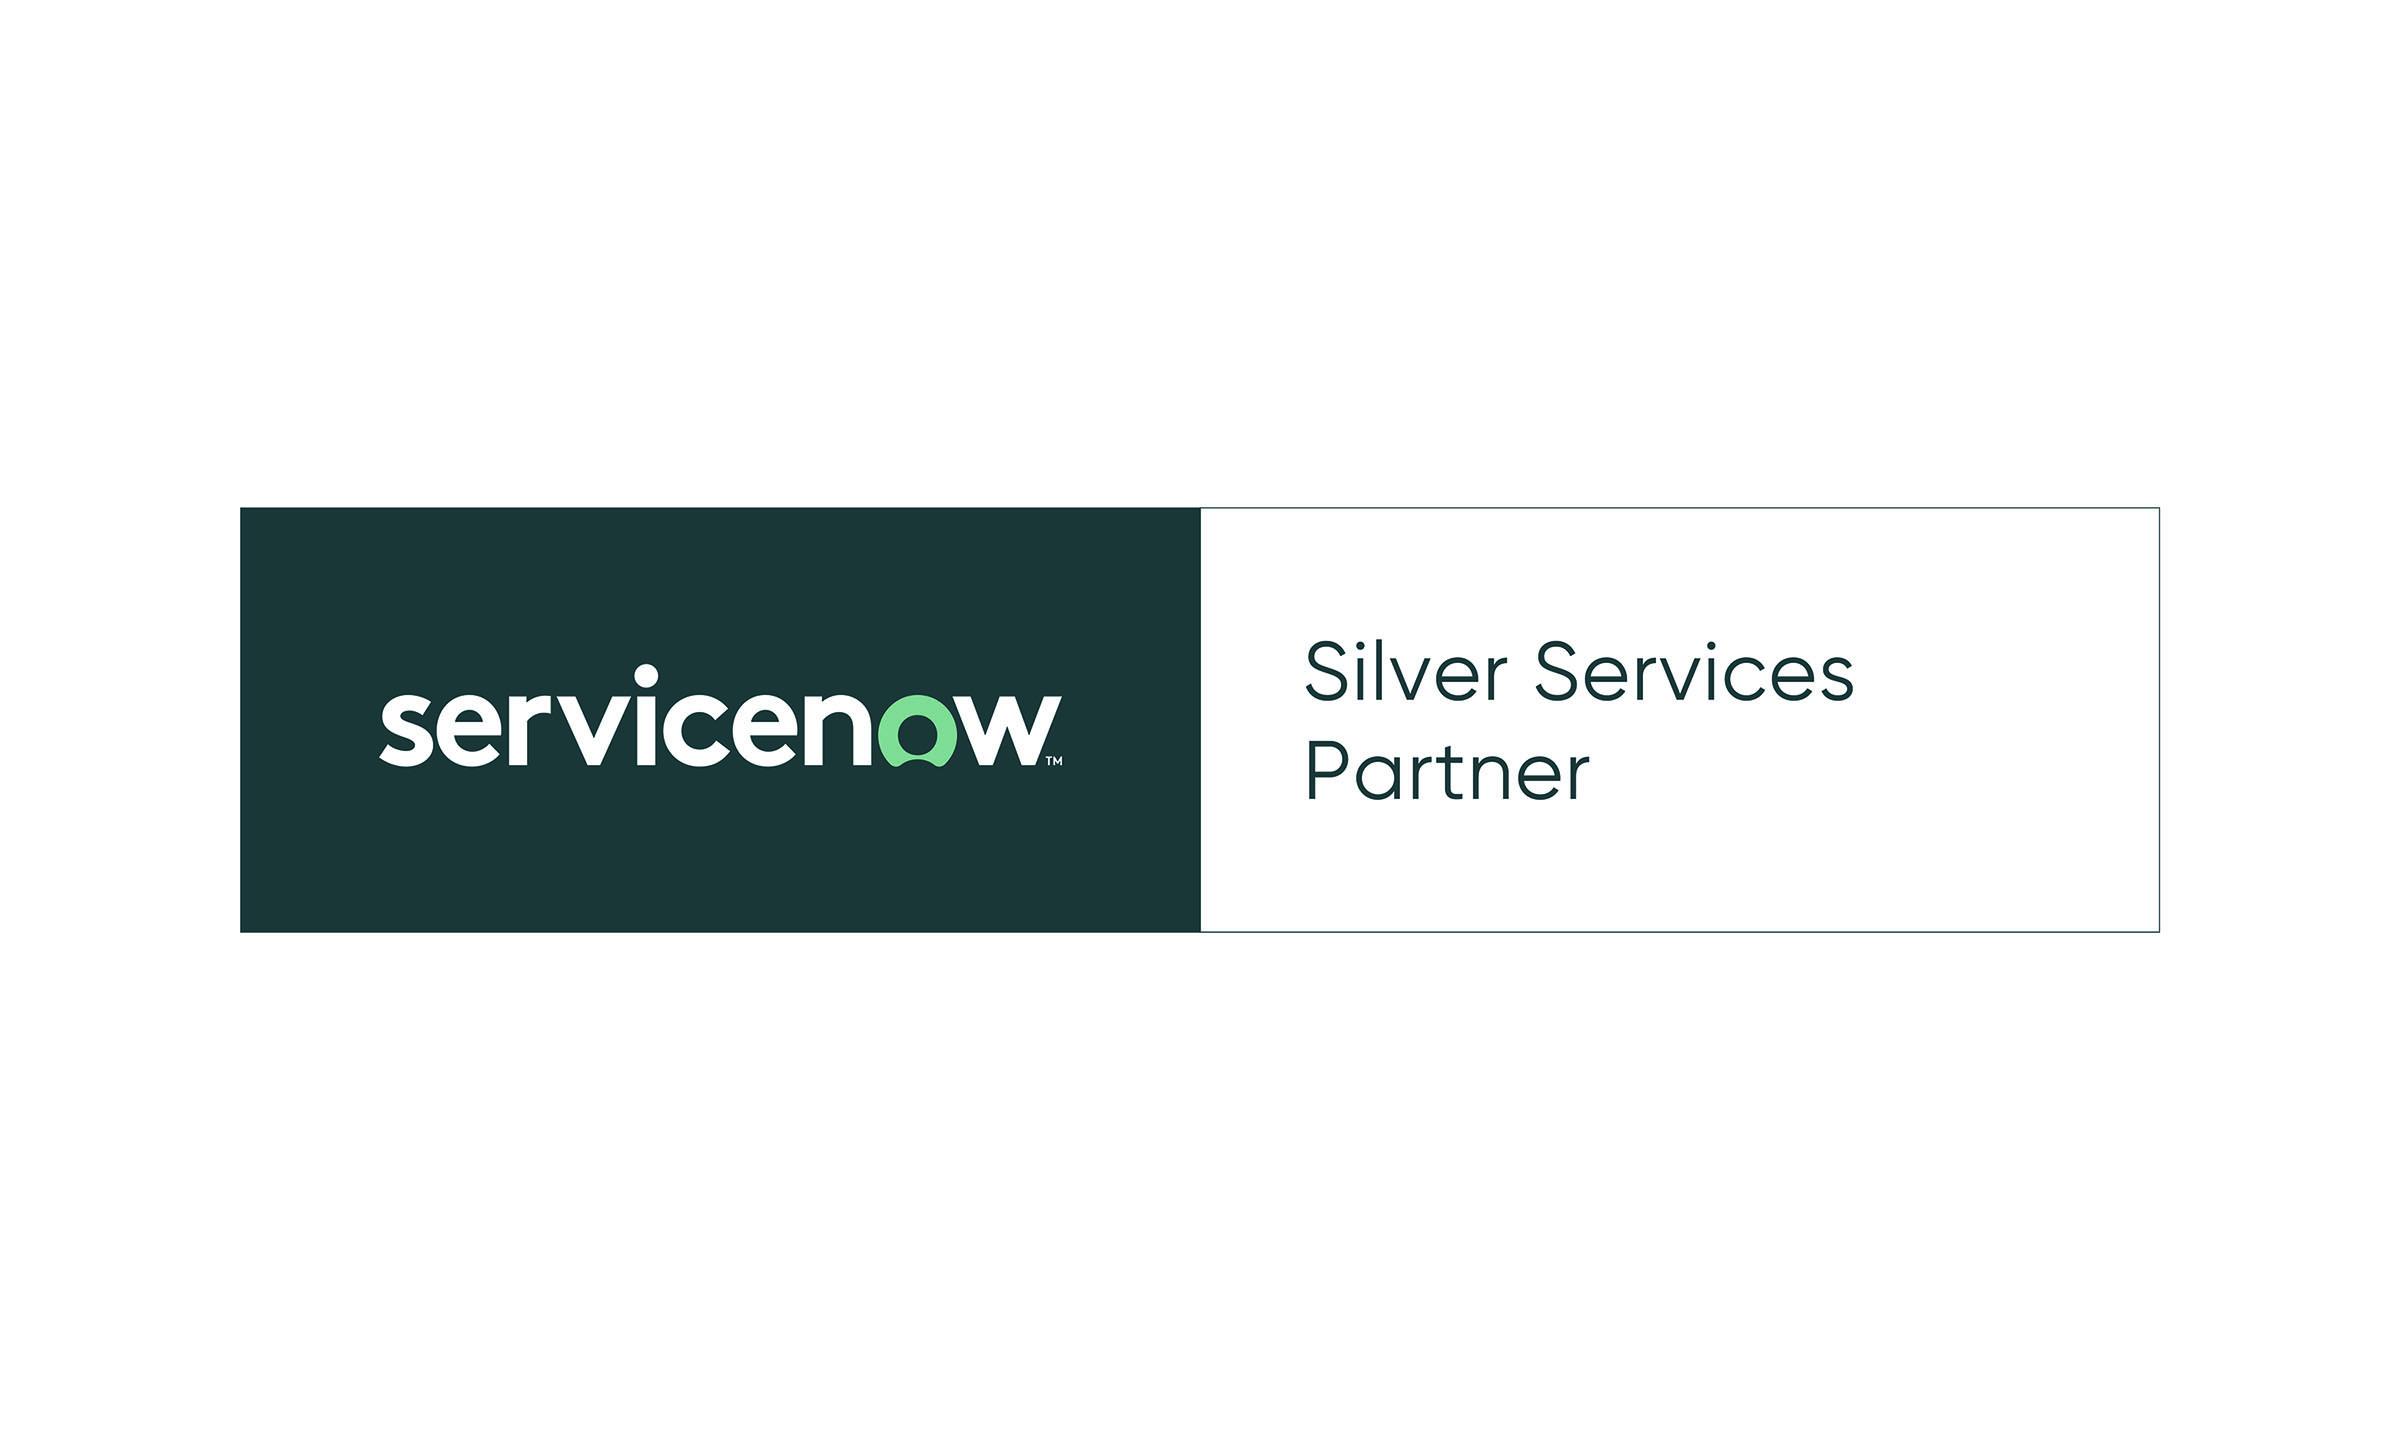 Silver Services Partner logo